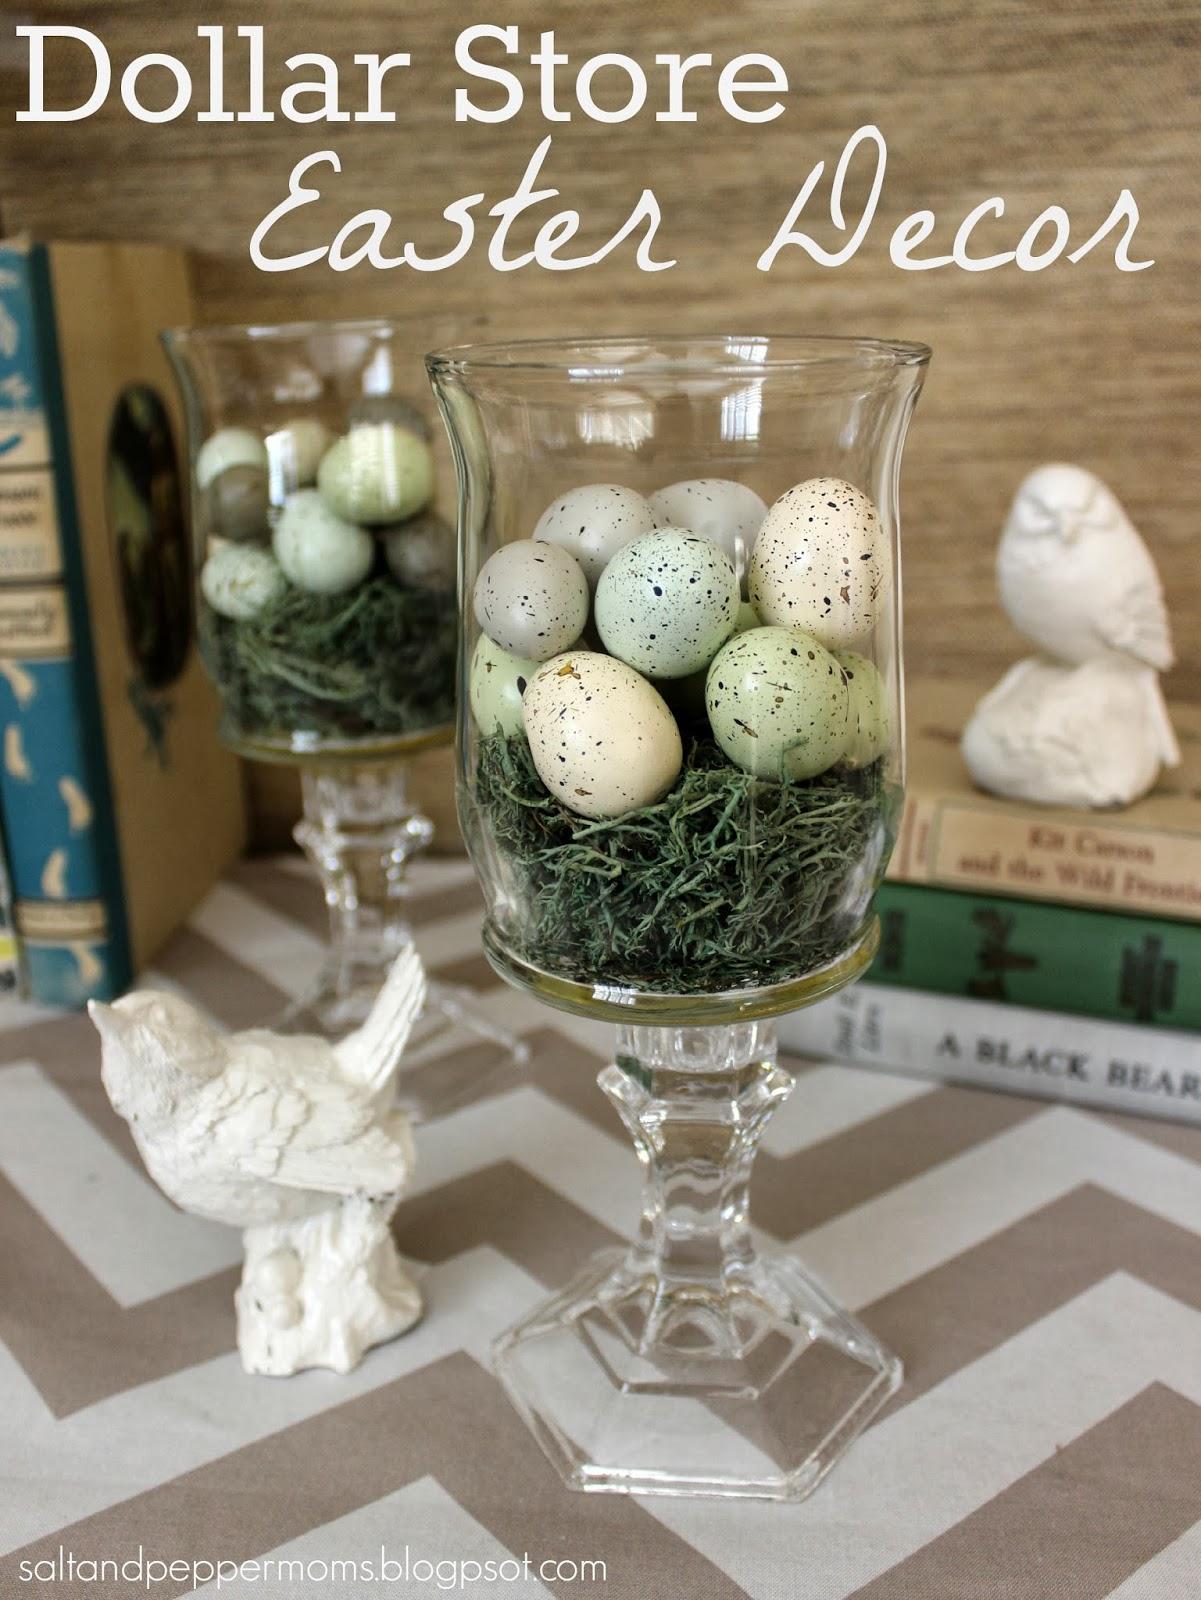 Dollar Store Easter Decor Salt And Pepper Moms Bloglovin